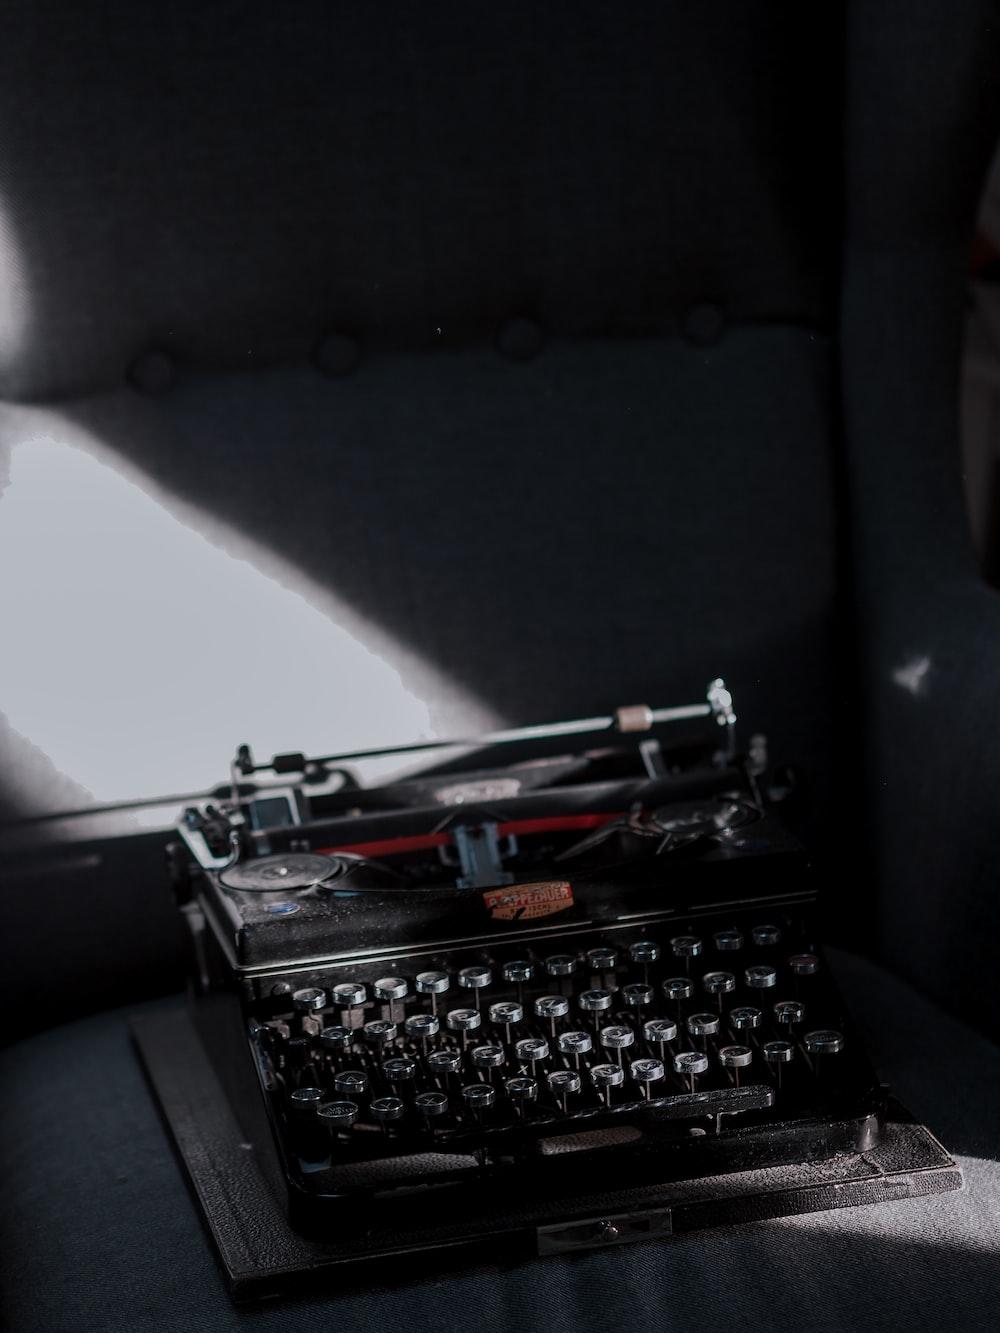 black typewriter on black car seat